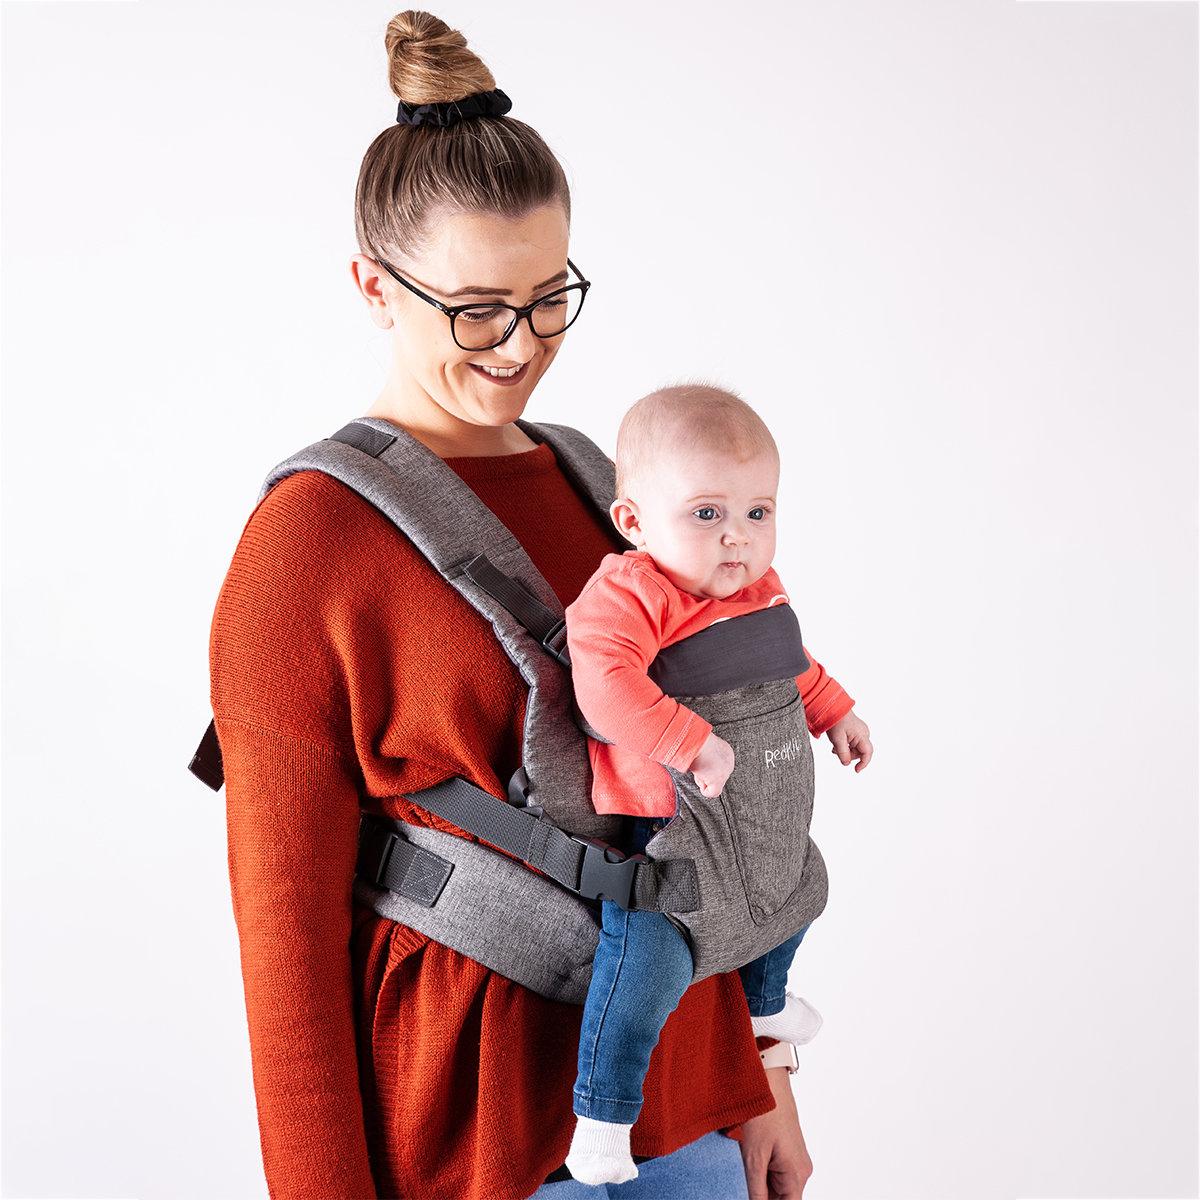 Redkite Embrace Baby Carrier £10 at Asda in Blackburn